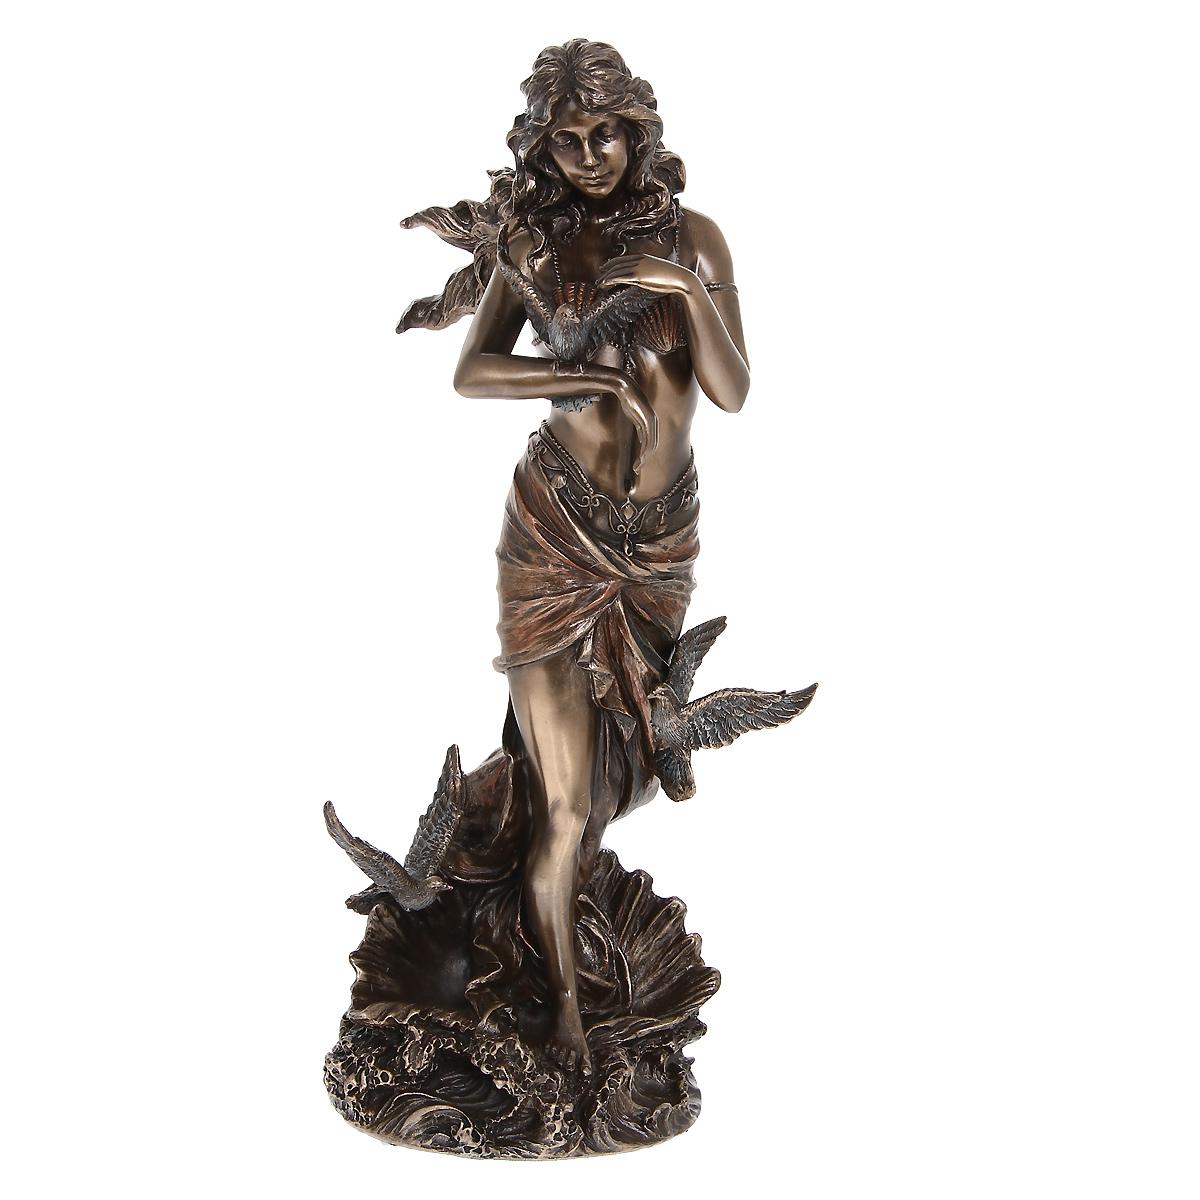 Статуэтка Veronese Афродита, высота 27 см12723Декоративная статуэтка Veronese Афродита изготовлена из полистоуна бронзового цвета. Изделие выполнено в виде греческой богини любви - Афродиты, выходящей из раковины.Вы можете поставить статуэтку в любом месте, где она будет удачно смотреться и радовать глаз. Такая фигурка прекрасно дополнит интерьер офиса или дома.